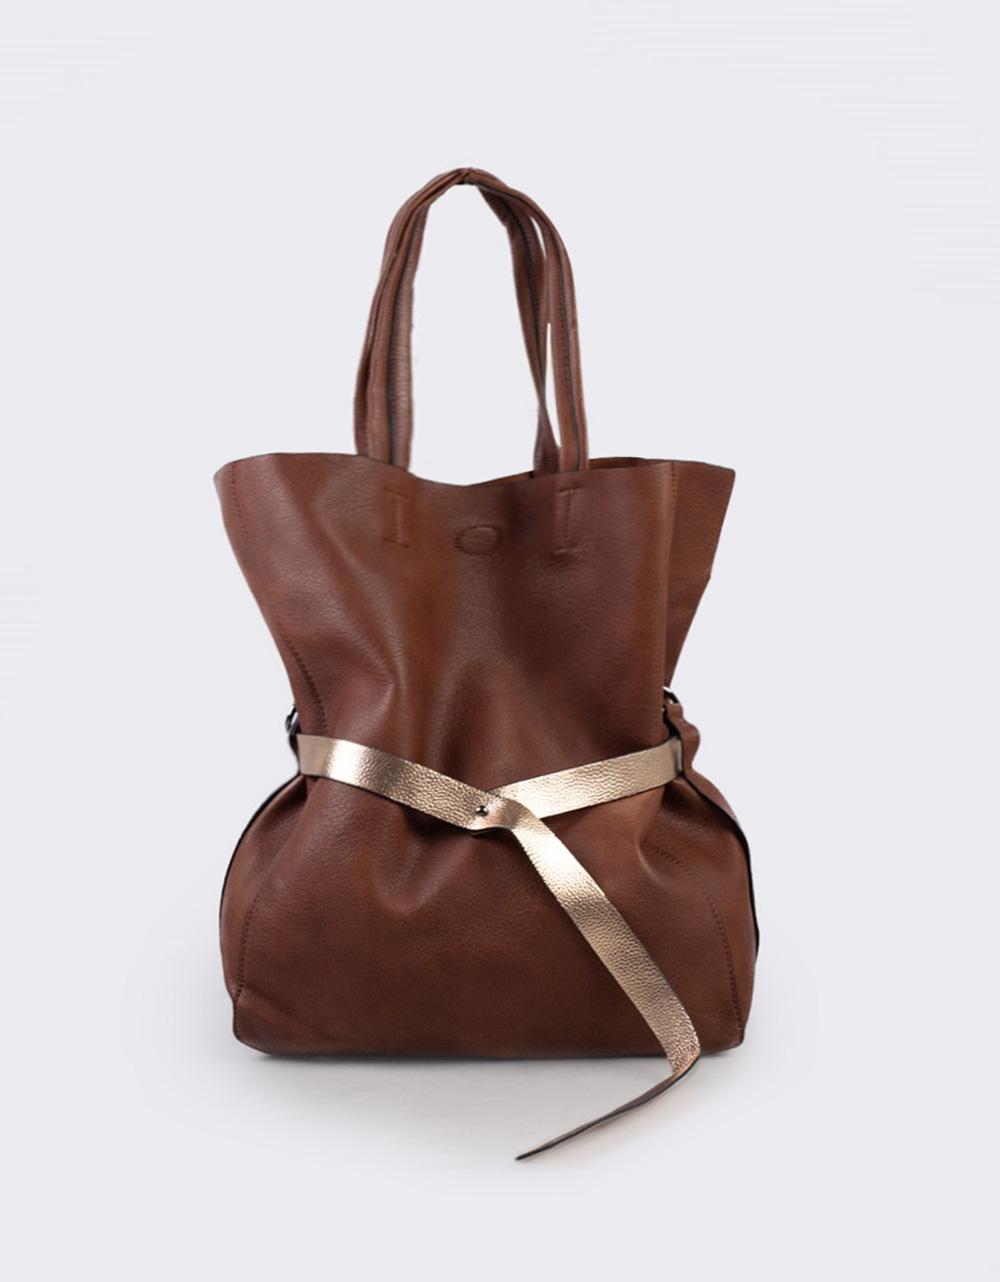 Εικόνα από Γυναικεία τσάντα με διακοσμητική ζώνη Καφέ